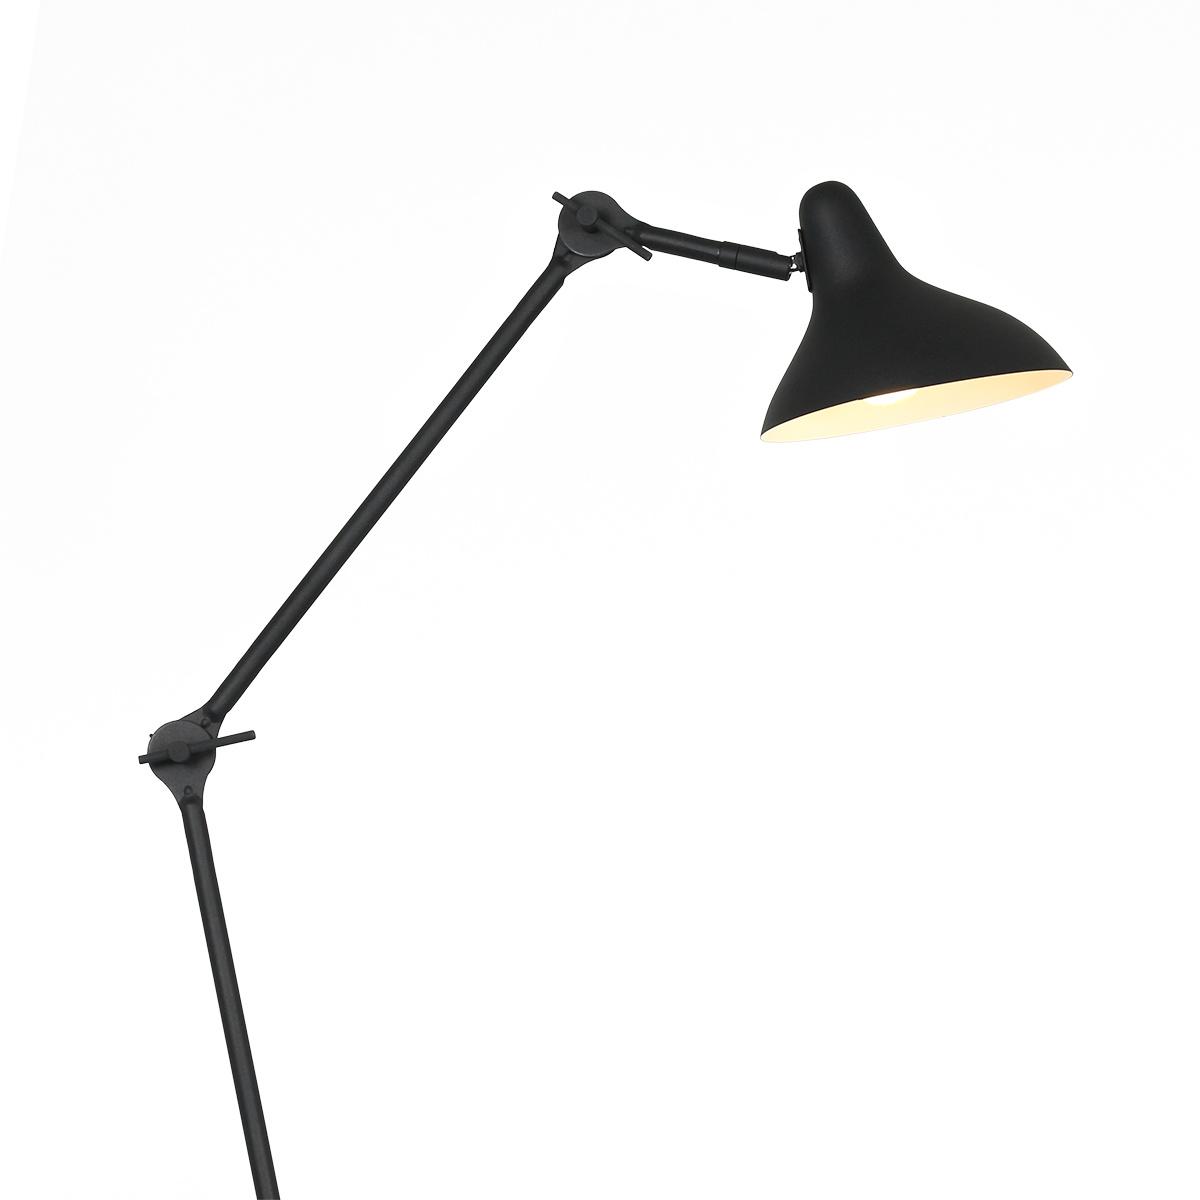 Anne Light & home Tafellamp anne kasket 2692zw zwart